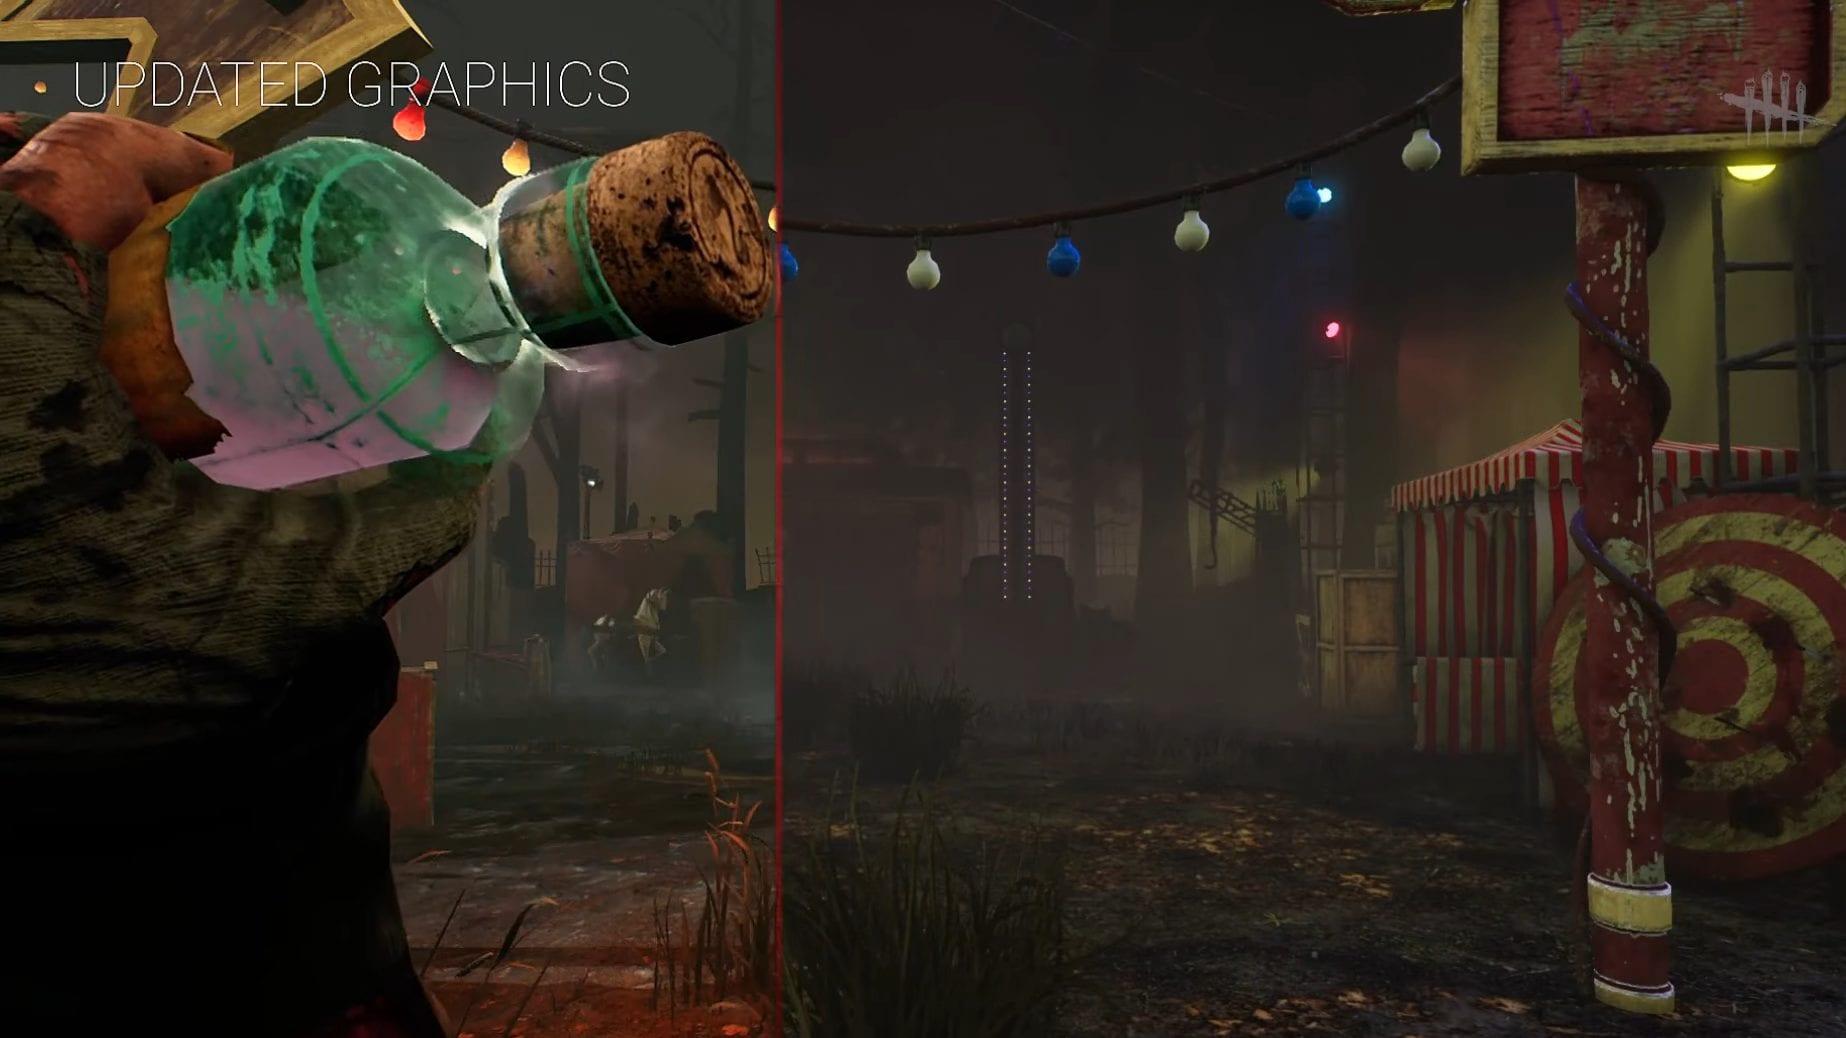 Dead by Daylight Update Map Clown